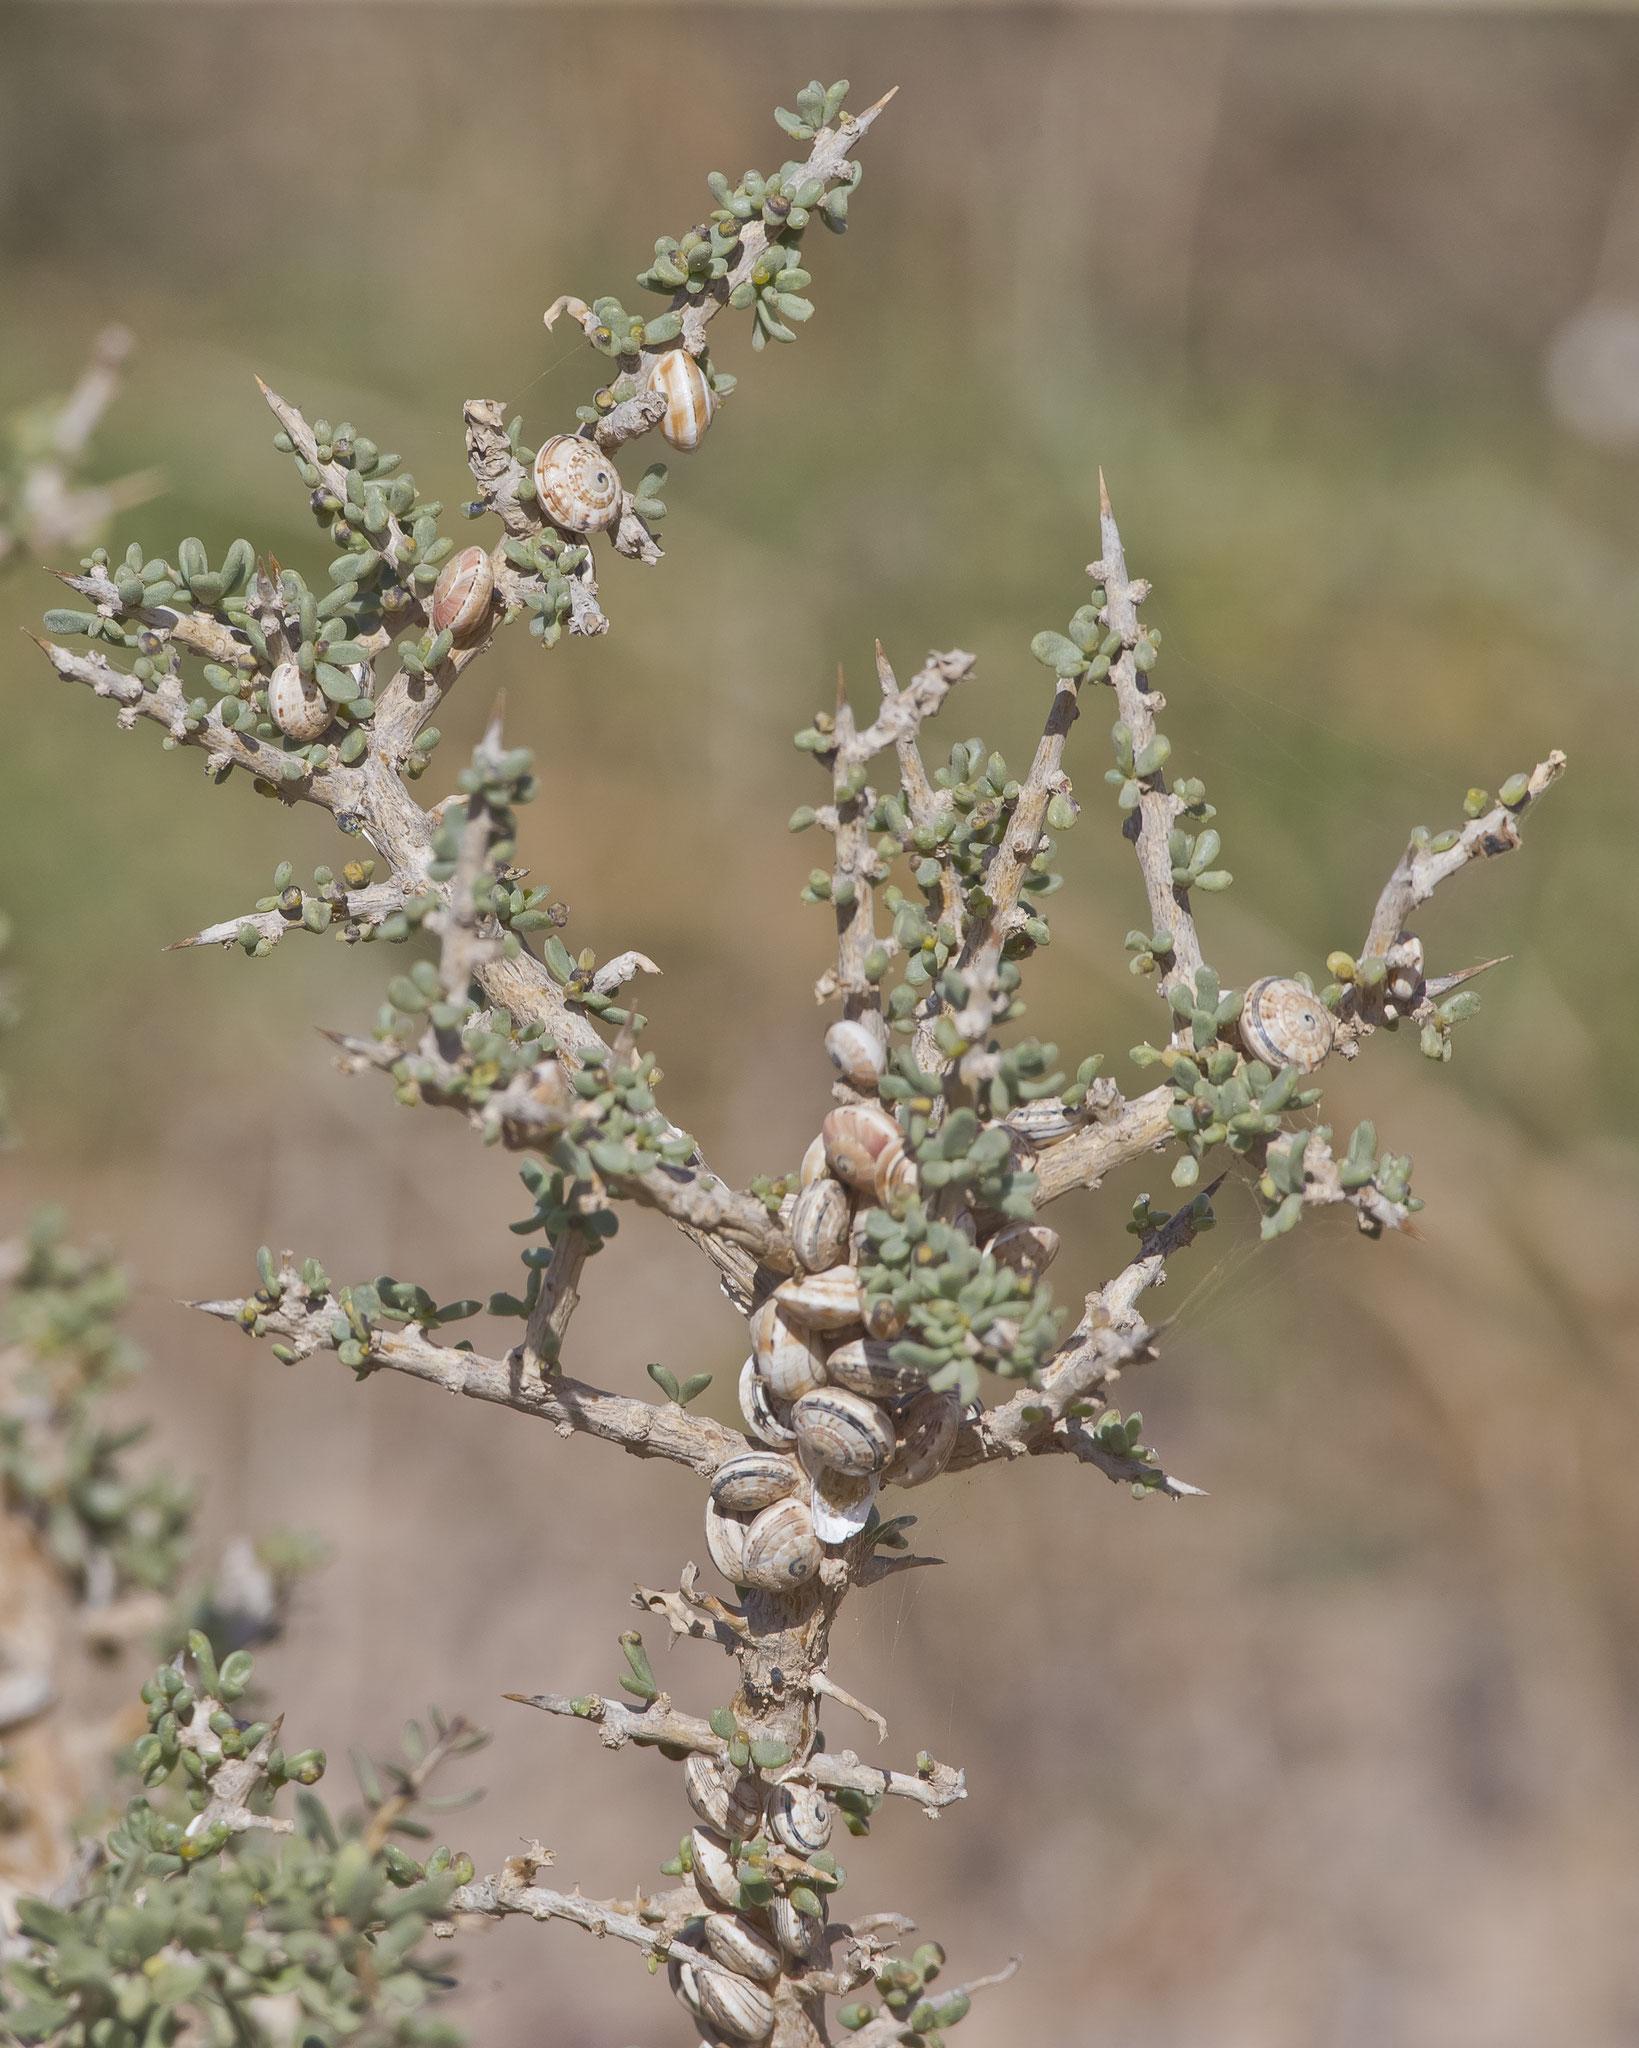 An Pflanzenstängeln und Pfosten sind oft Ansammlungen von Häuschen-Schnecken zu beobachten